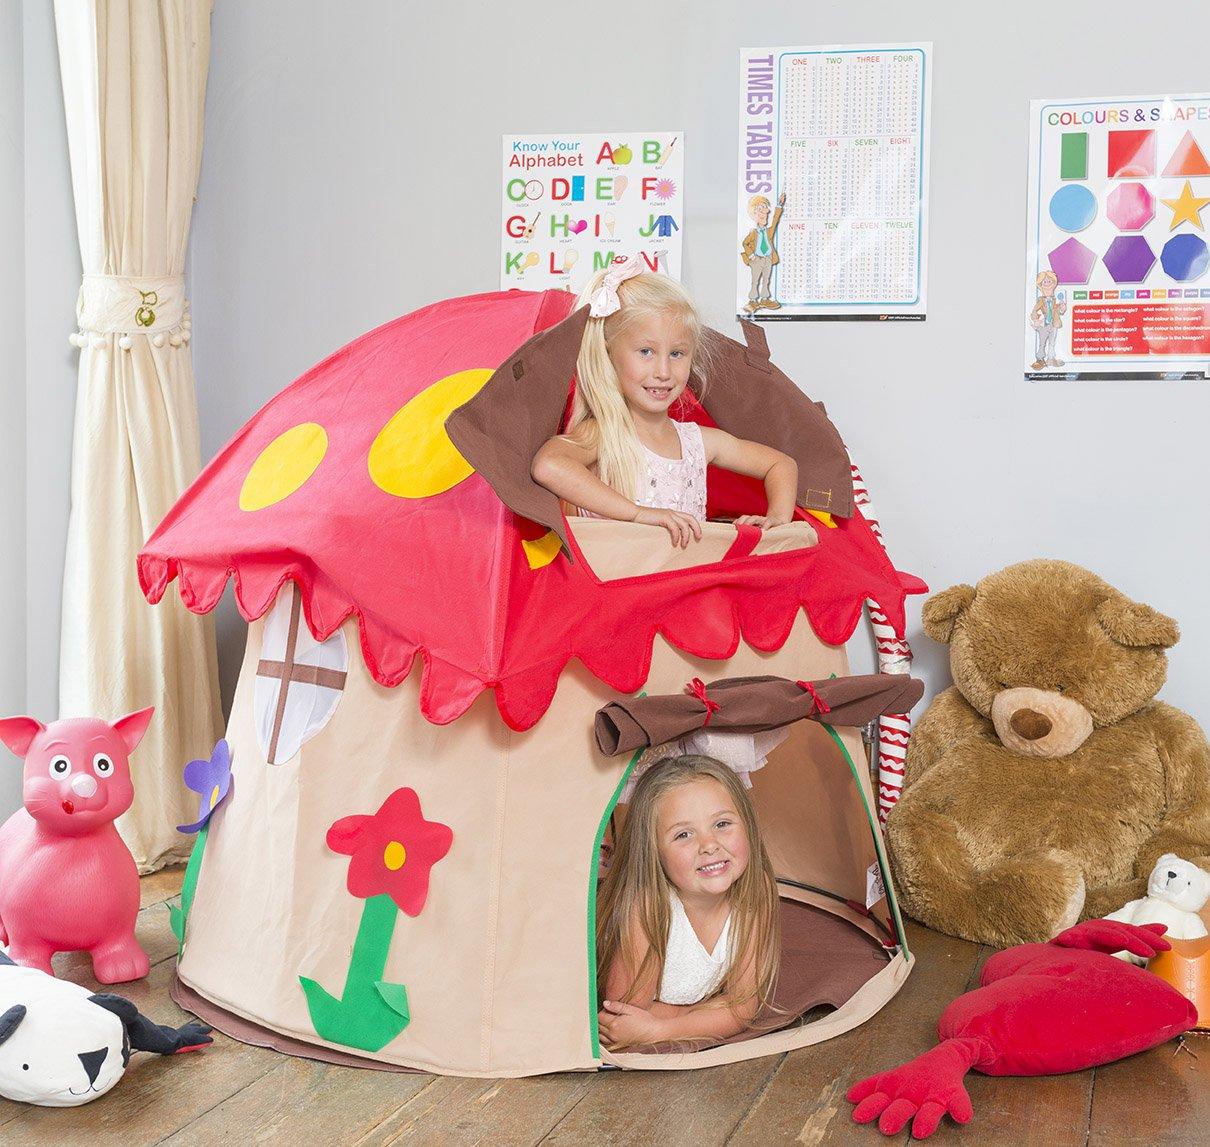 Bazoongi Special Edition Mushroom Play Tent Amazon.co.uk Toys u0026 Games  sc 1 st  Amazon UK & Bazoongi Special Edition Mushroom Play Tent: Amazon.co.uk: Toys ...